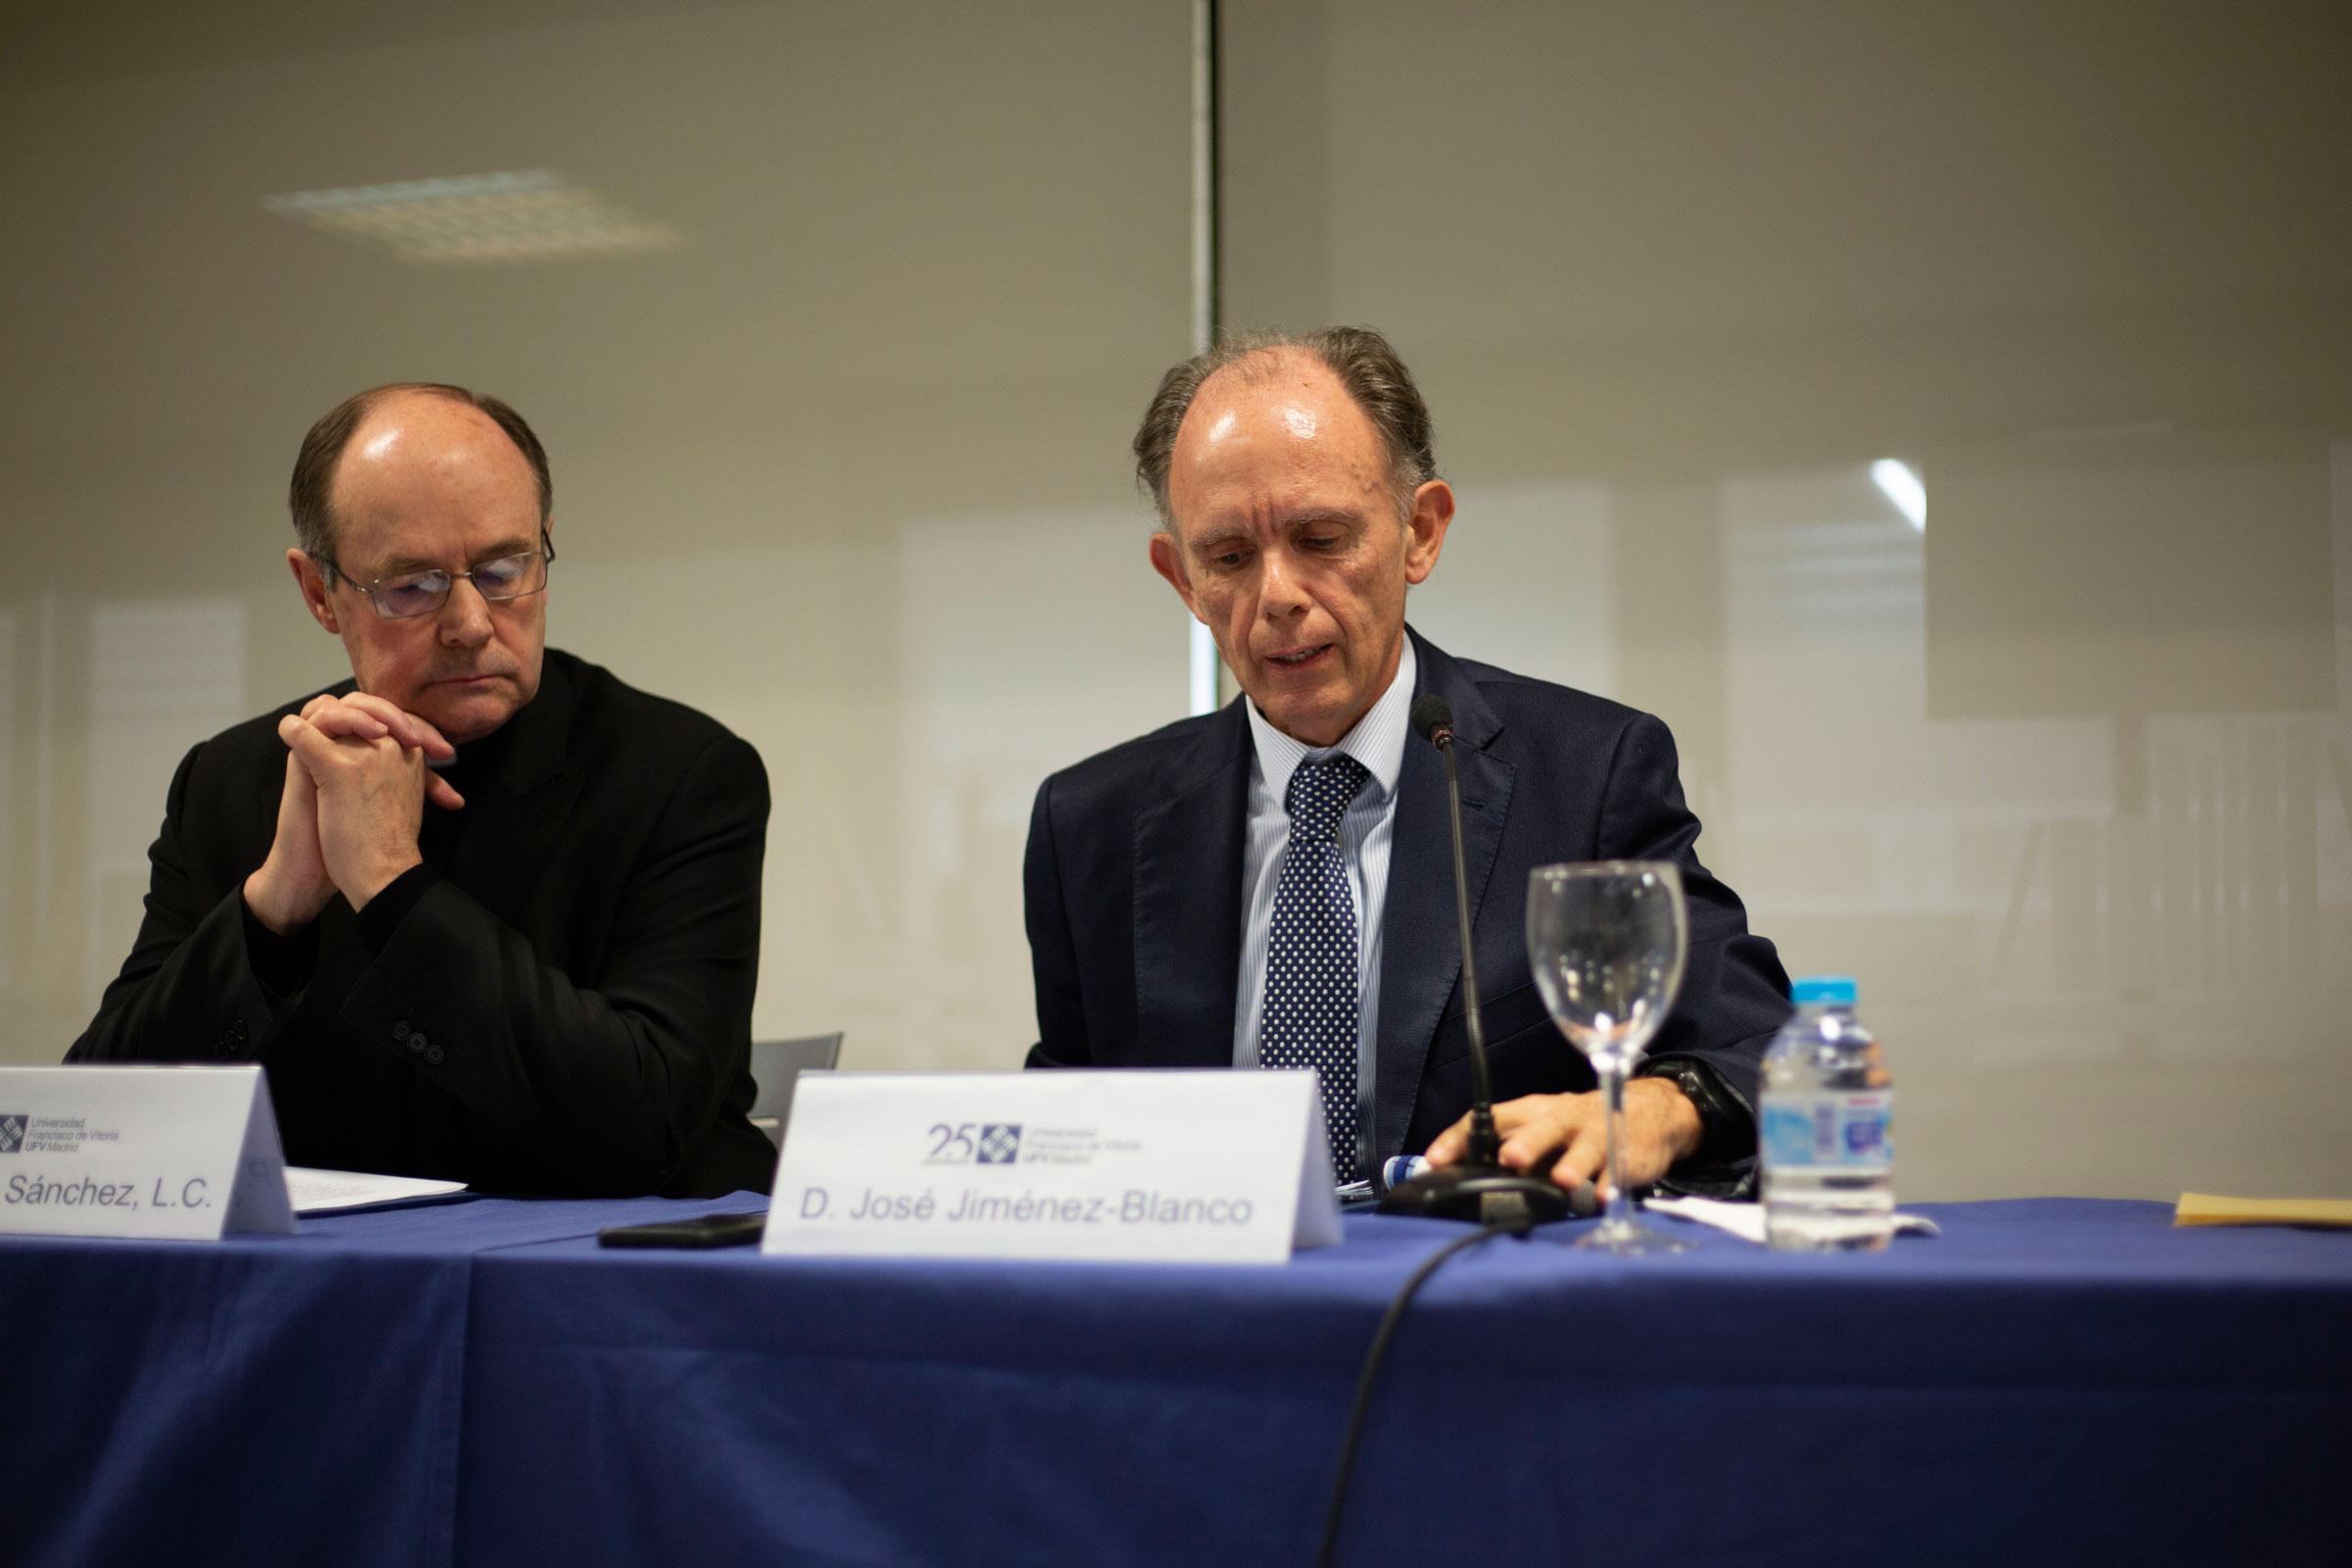 José Ignacio Jiménez Blanco en la Universidad Francisco de Vitoria